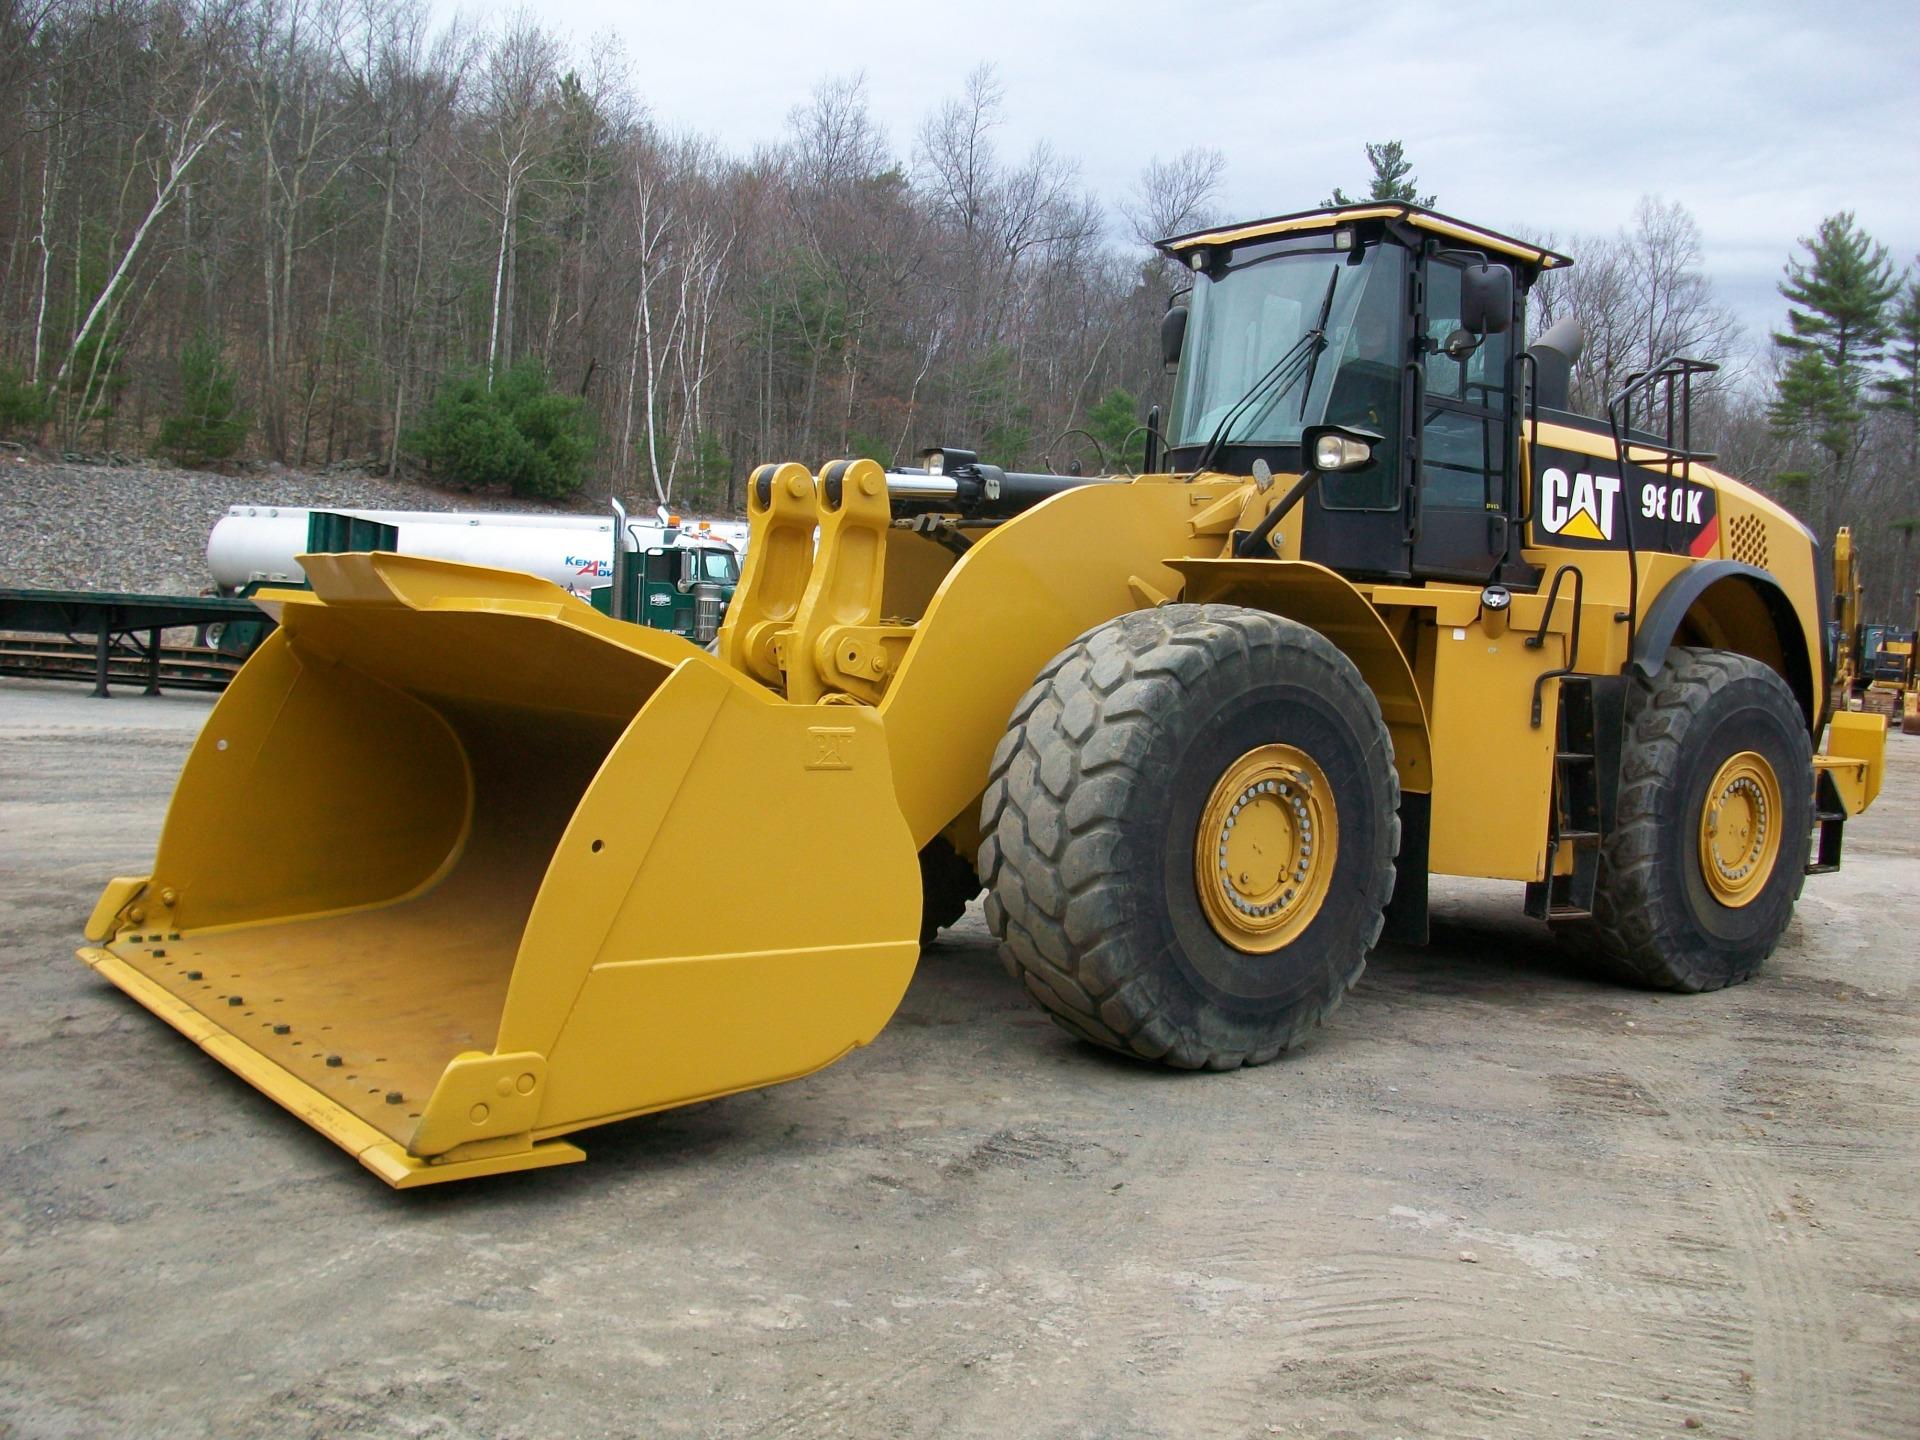 2012 CAT 980K, $250,000